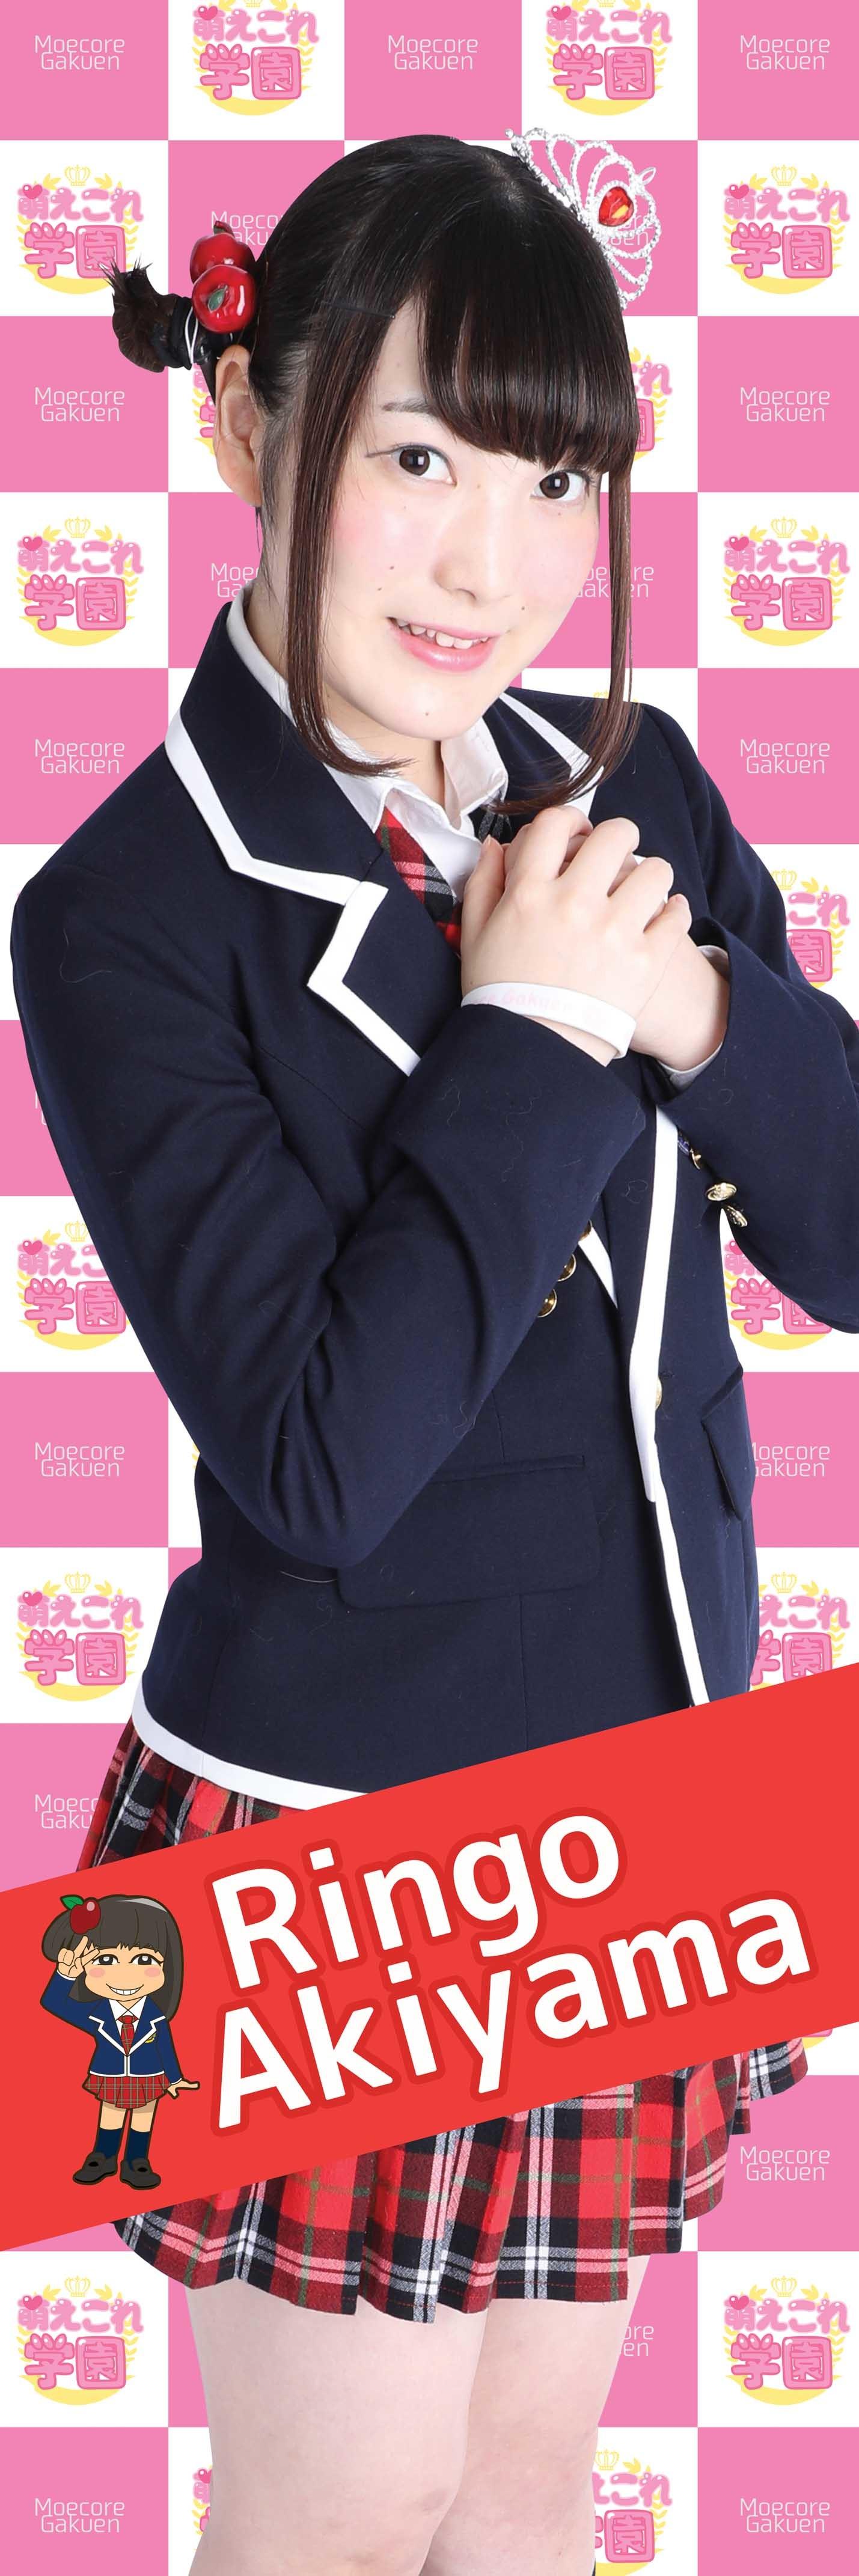 Akiyama Ringo